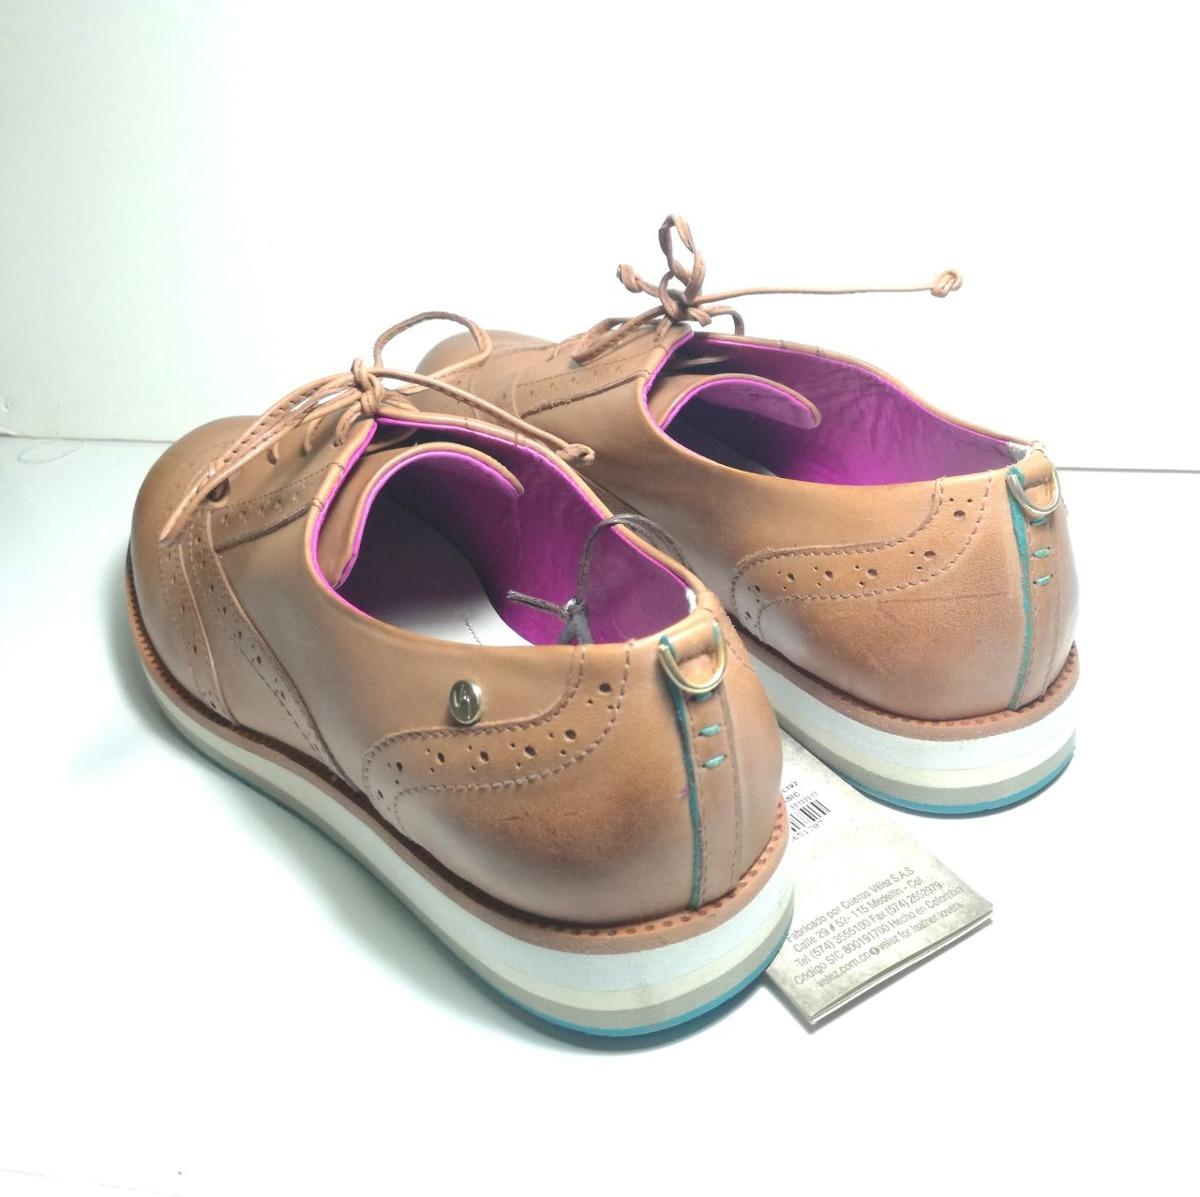 b920adbc Zapatos Velez Abotinados De Cuero. Importados Colombia - $ 1.000,00 ...